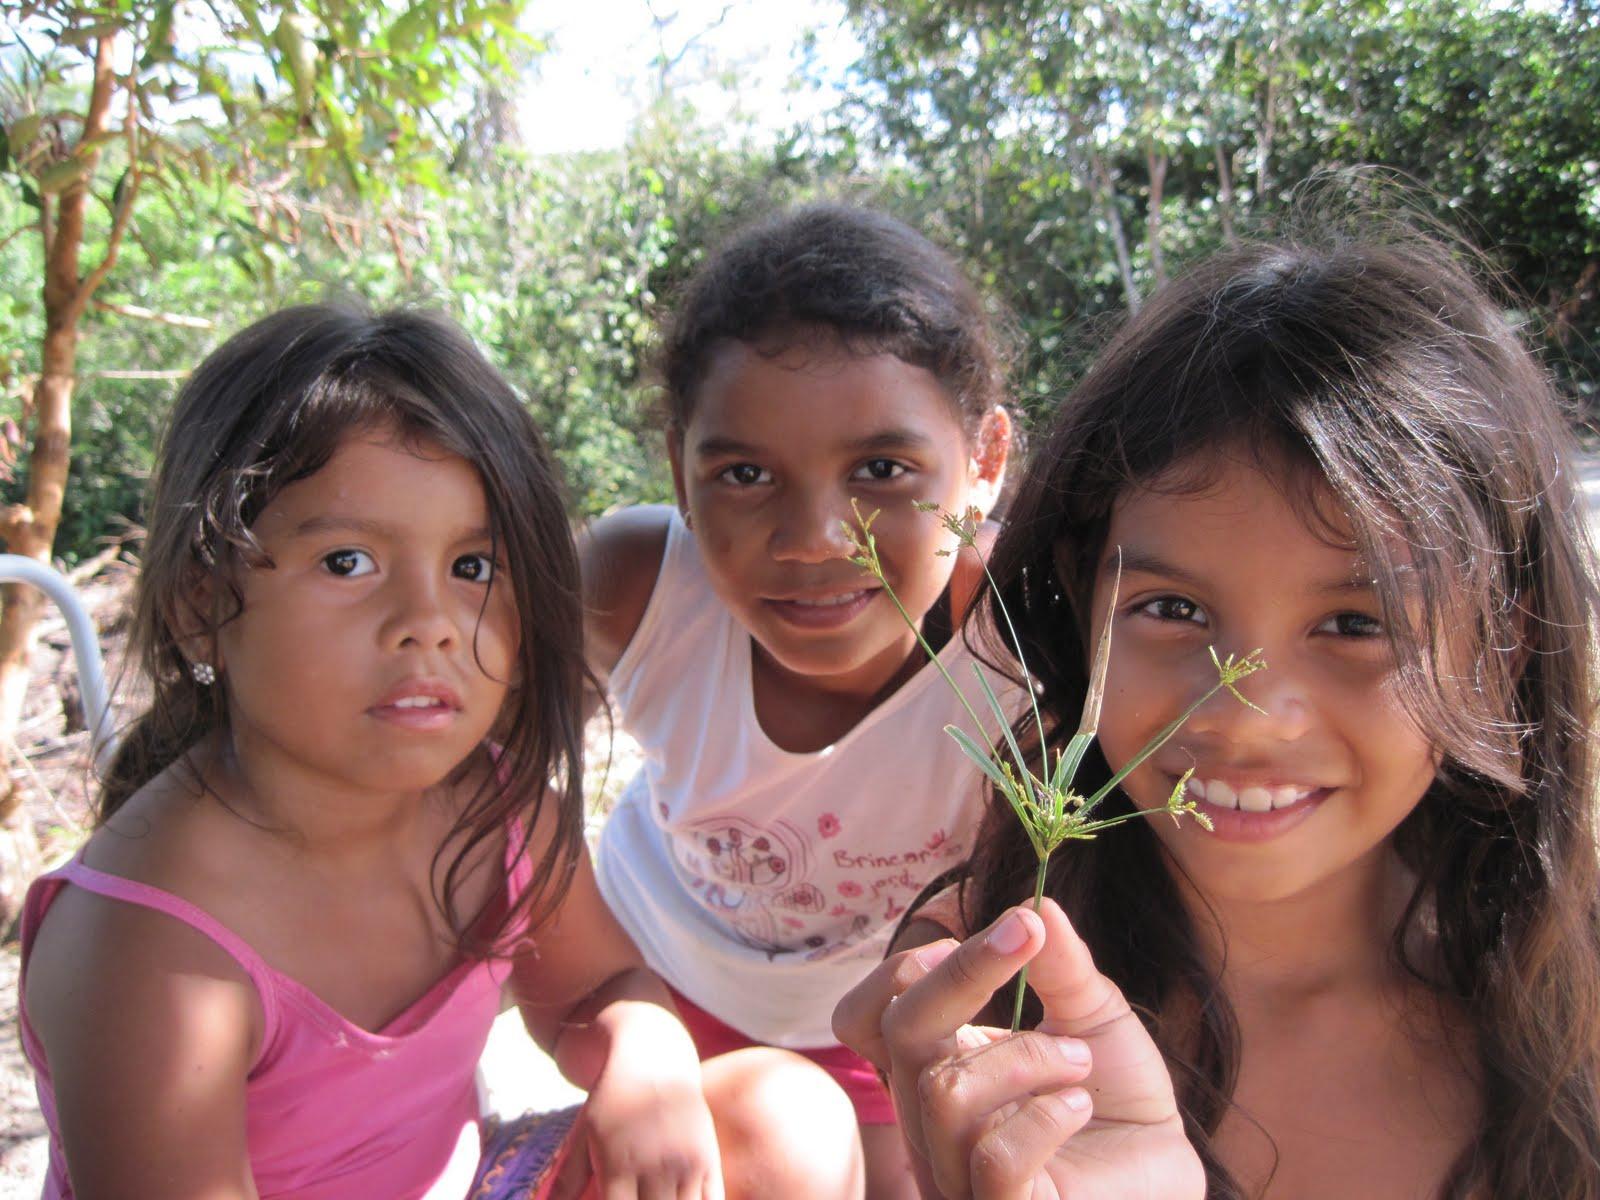 بالصور بنات برازيليات , تالق بنات البرازيل في ابهى صور 3332 5